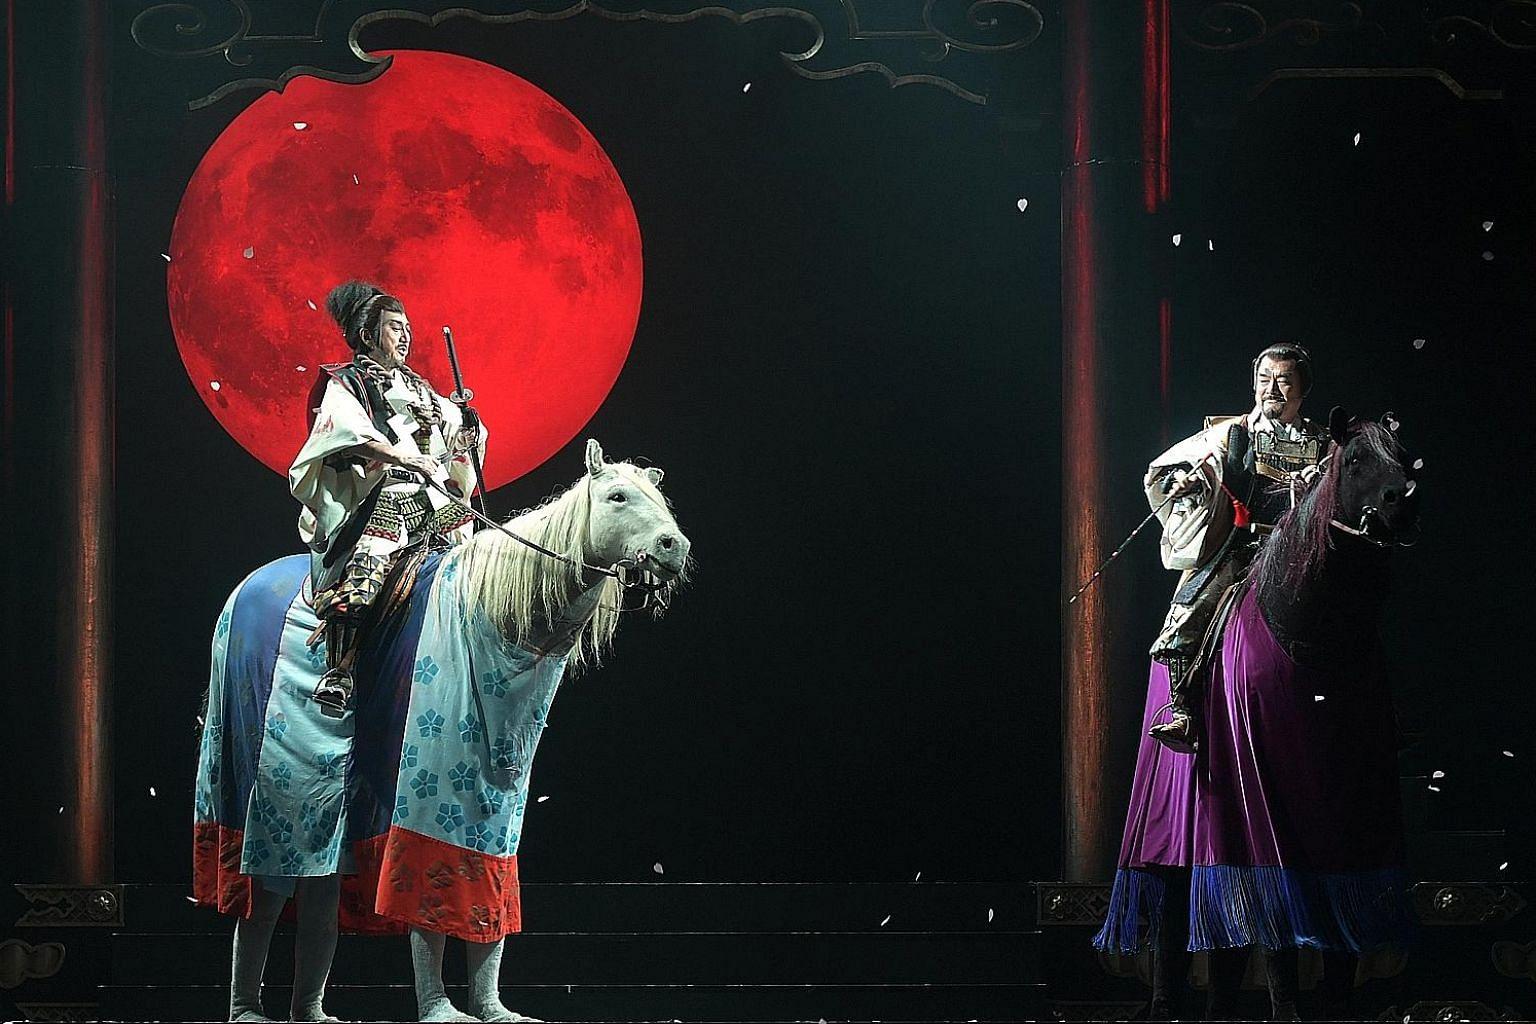 Macbeth (Masachika Ichimura, above left) and Banquo (Kazunaga Tsuji) in the Ninagawa Company's Macbeth.